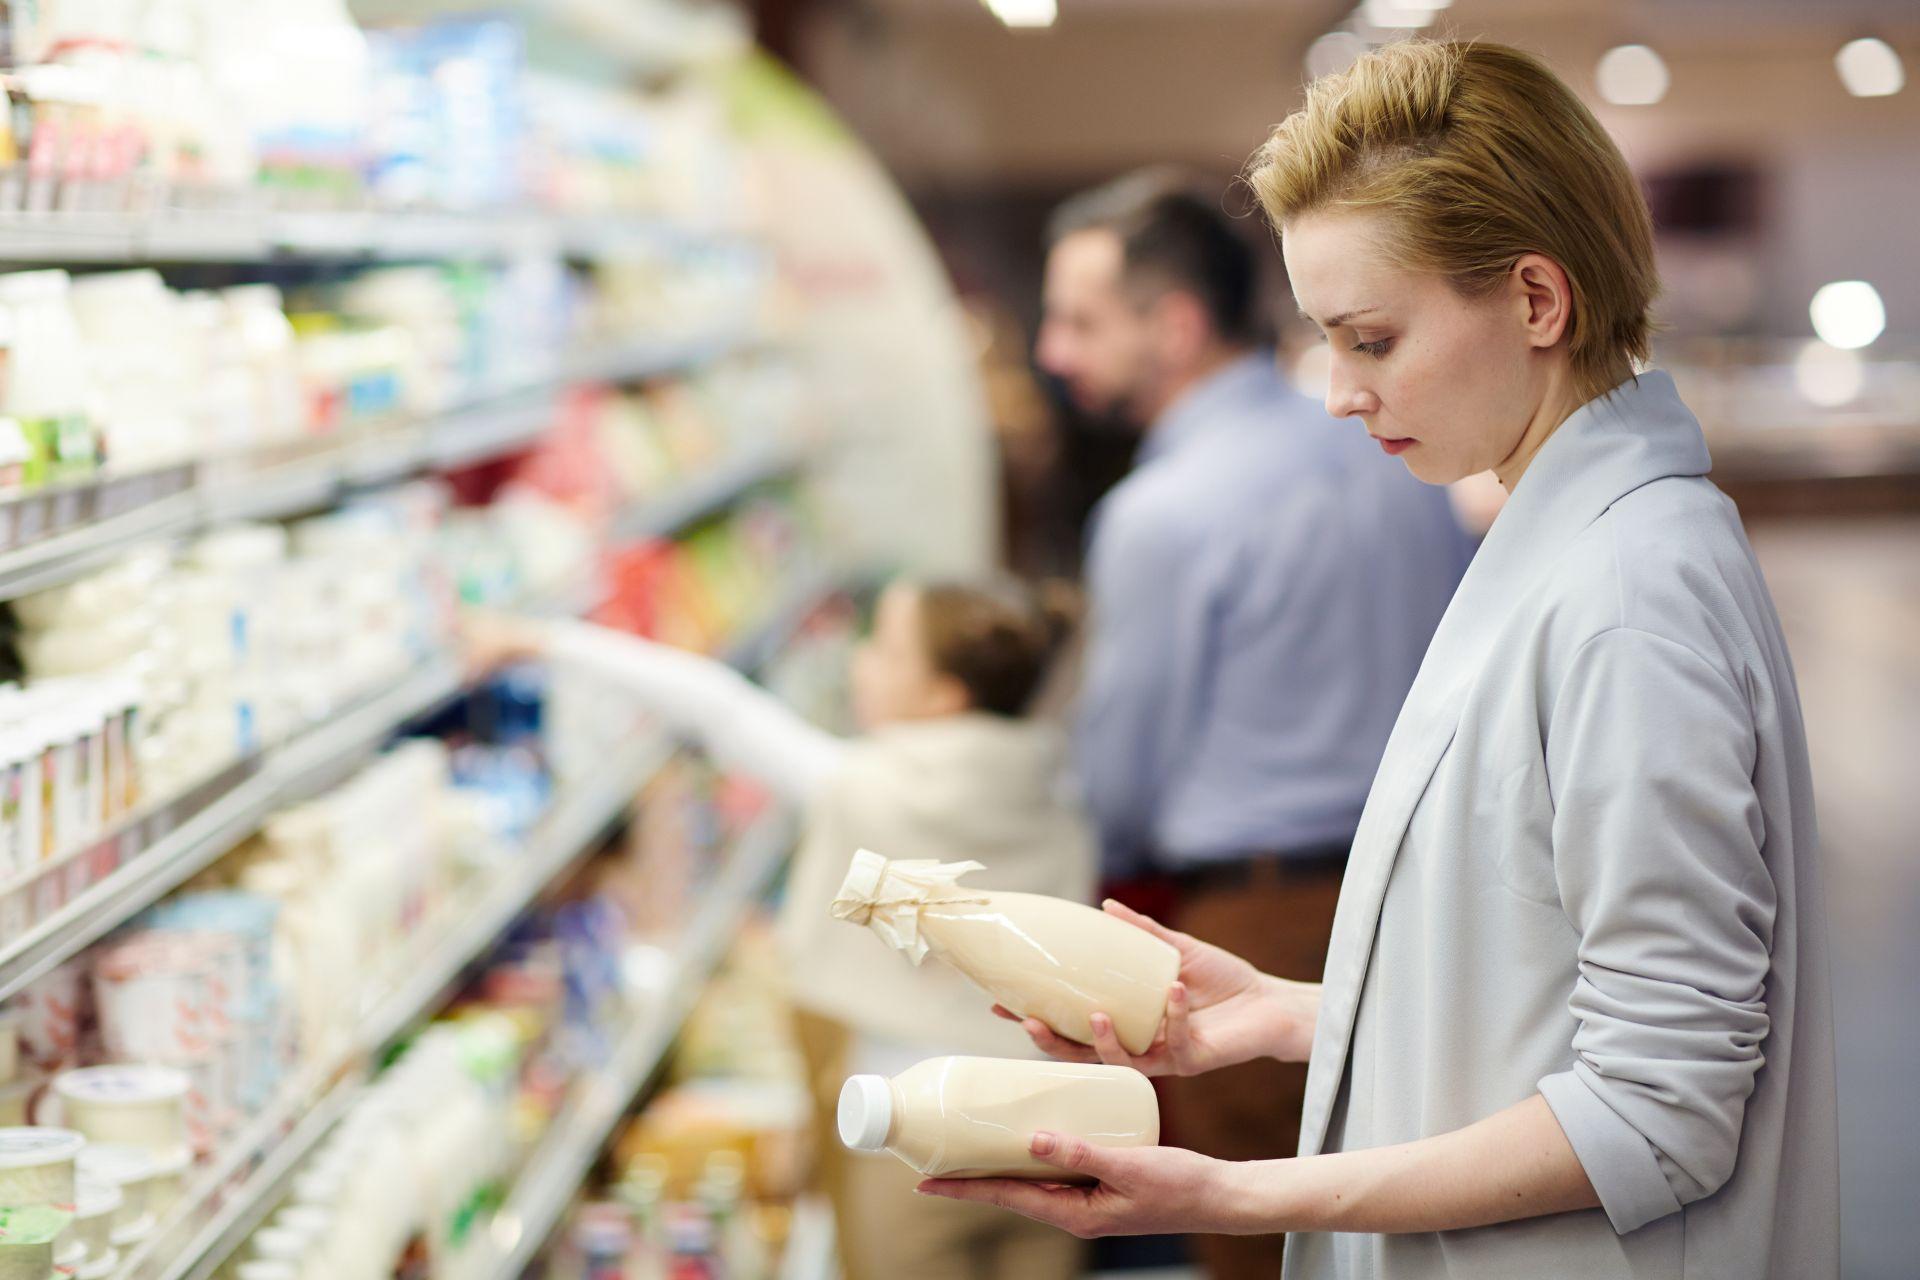 Dlaczego warto czytać etykiety produktów? Jak robić zdrowe zakupy? Jakie produkty wybierać, aby kierować się dietą dobrych produktów? Dowiedz się więcej.